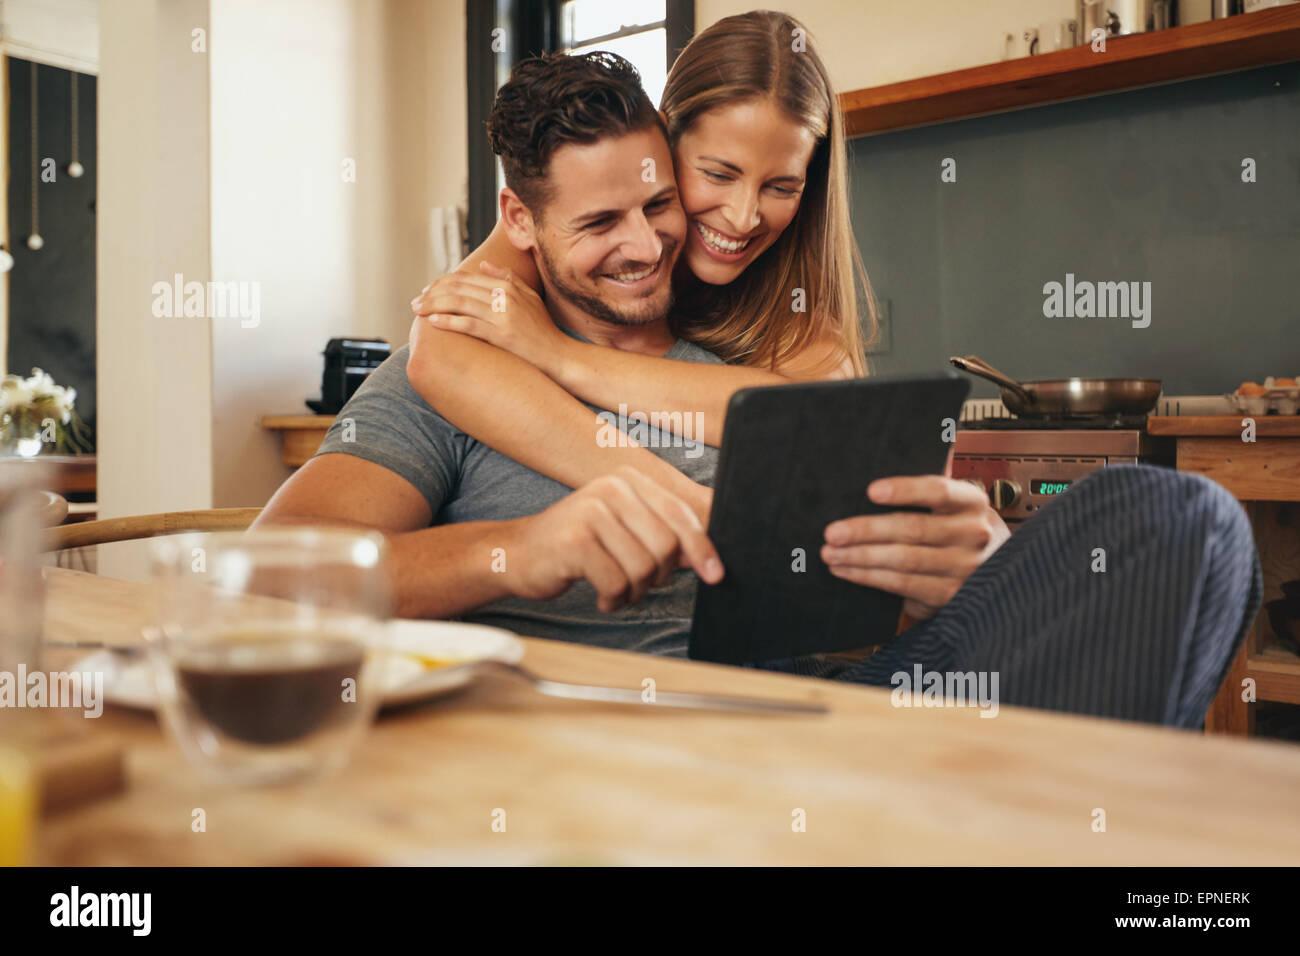 Paar, Lächeln, als sie einen Tabletcomputer zusammen morgen in der Küche zu lesen. Junger Mann und Frau Stockbild